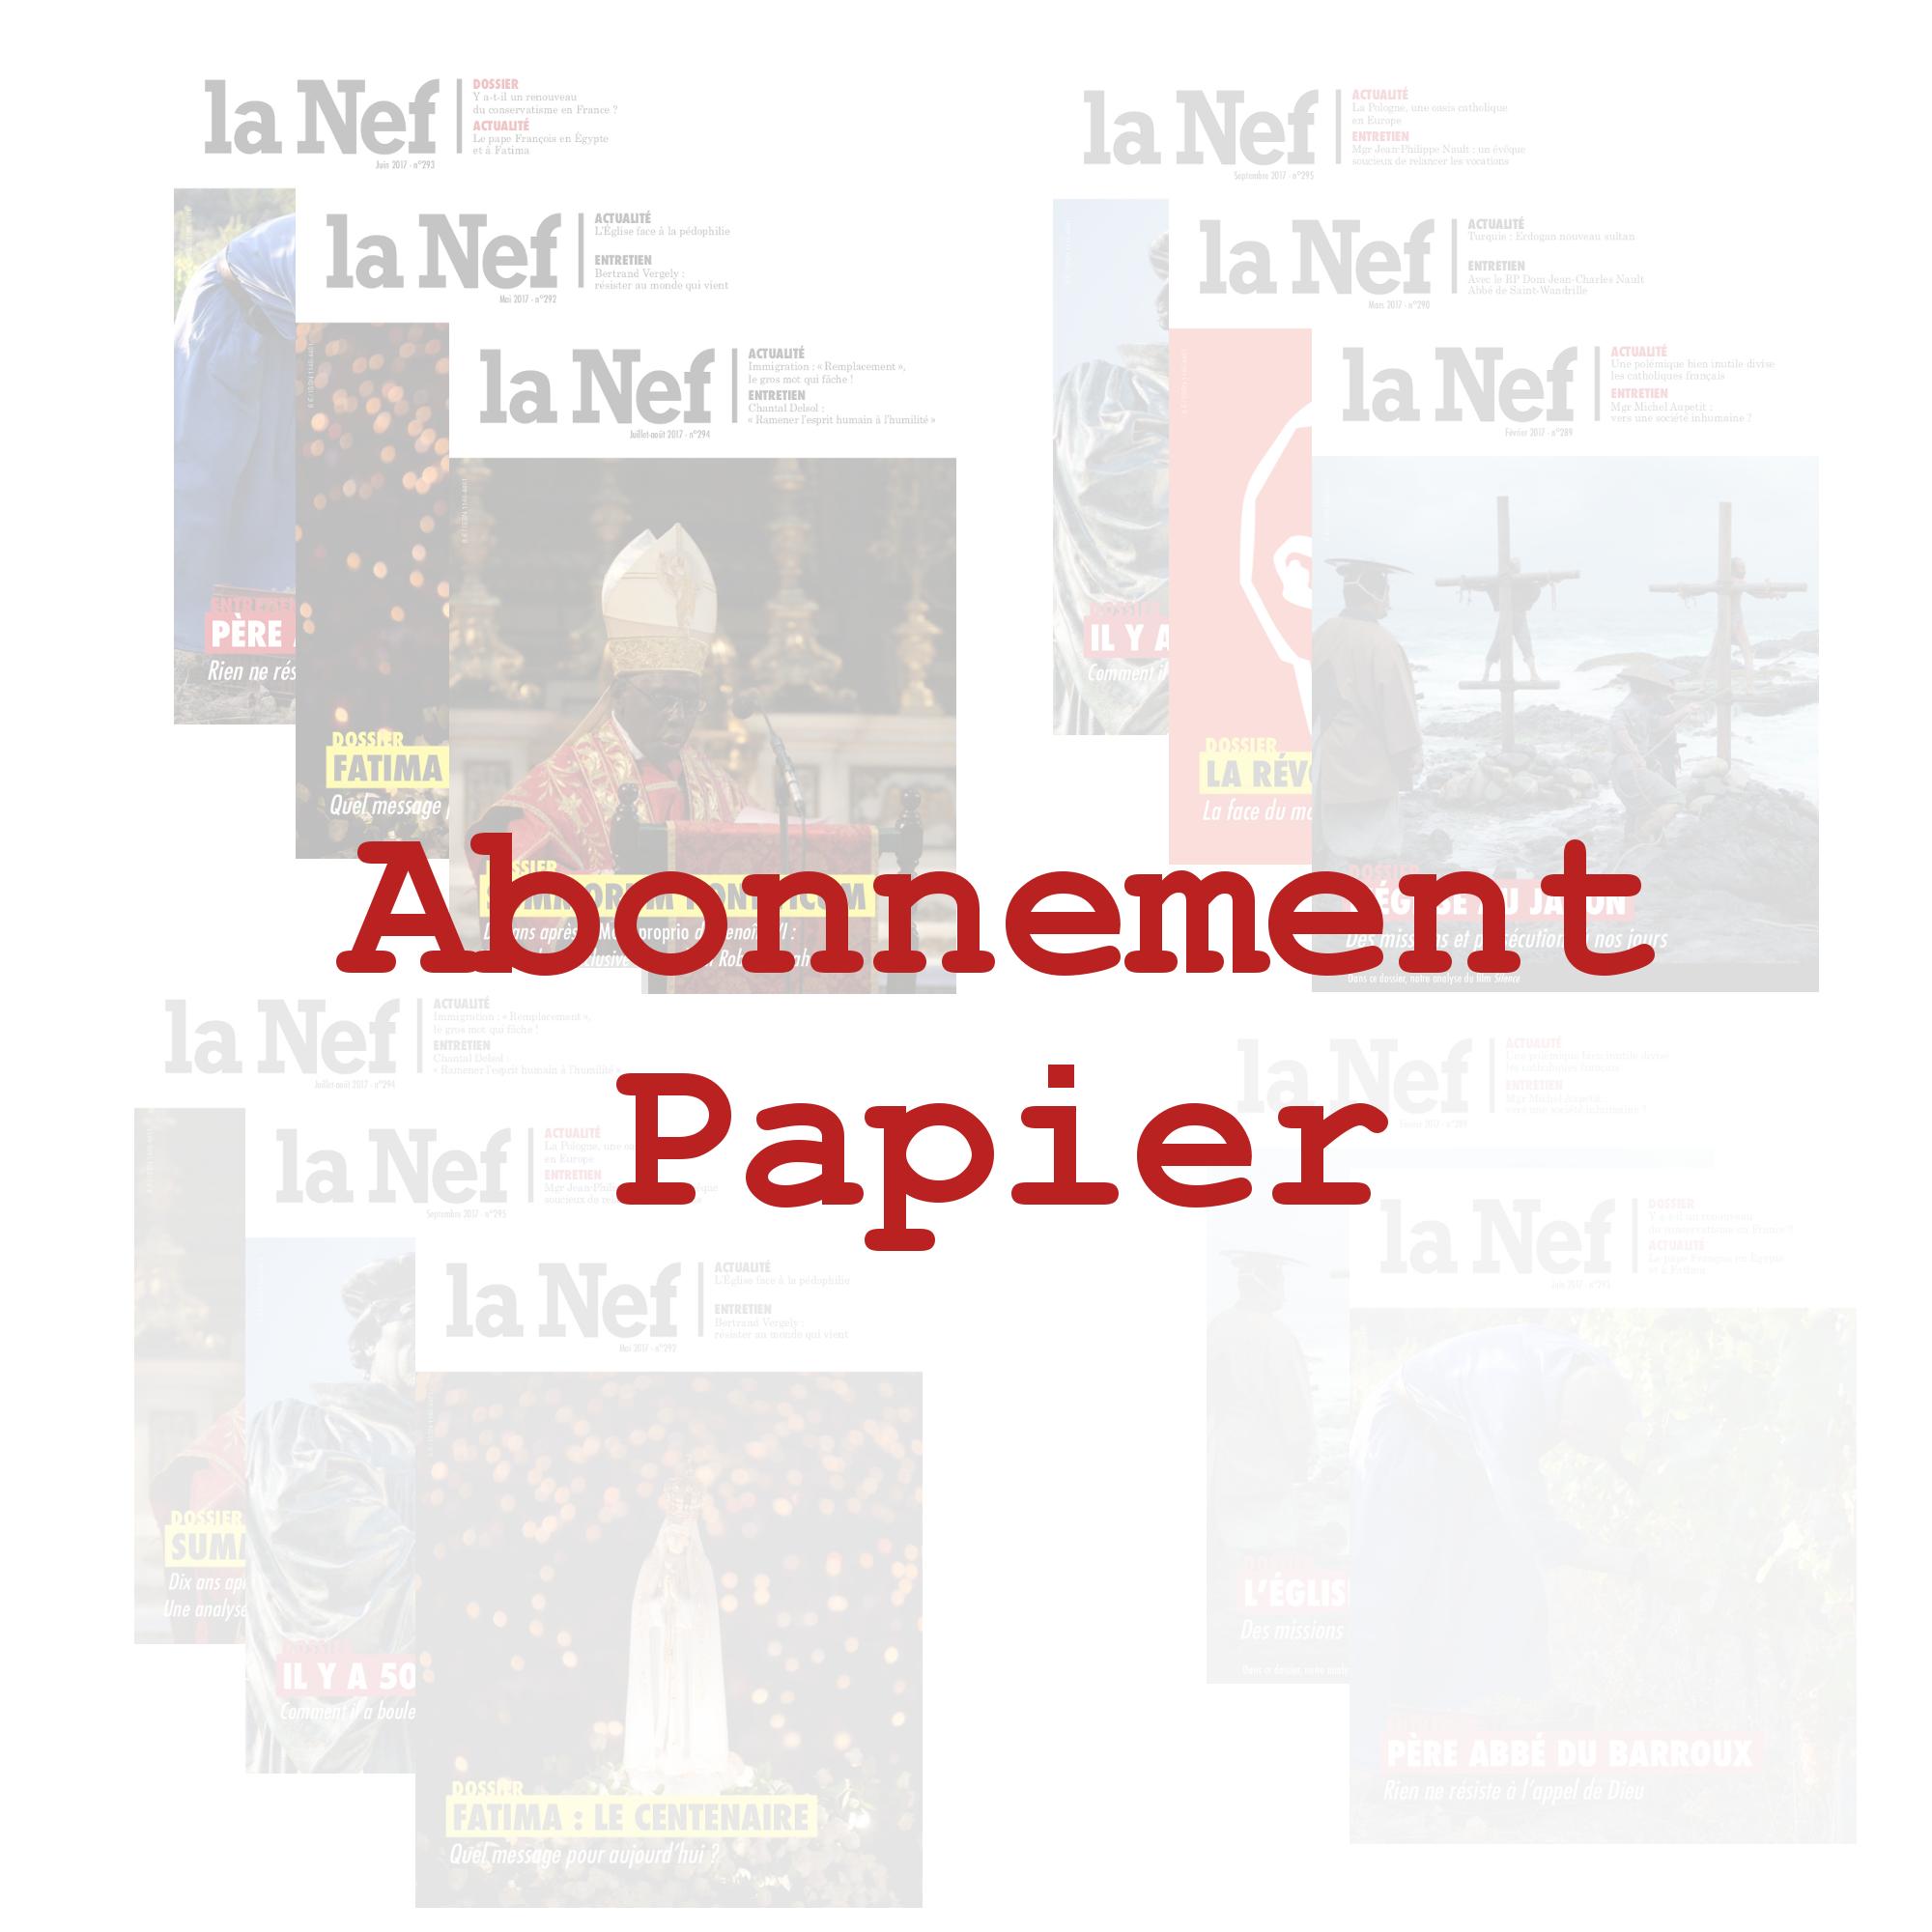 Abonnement Papier